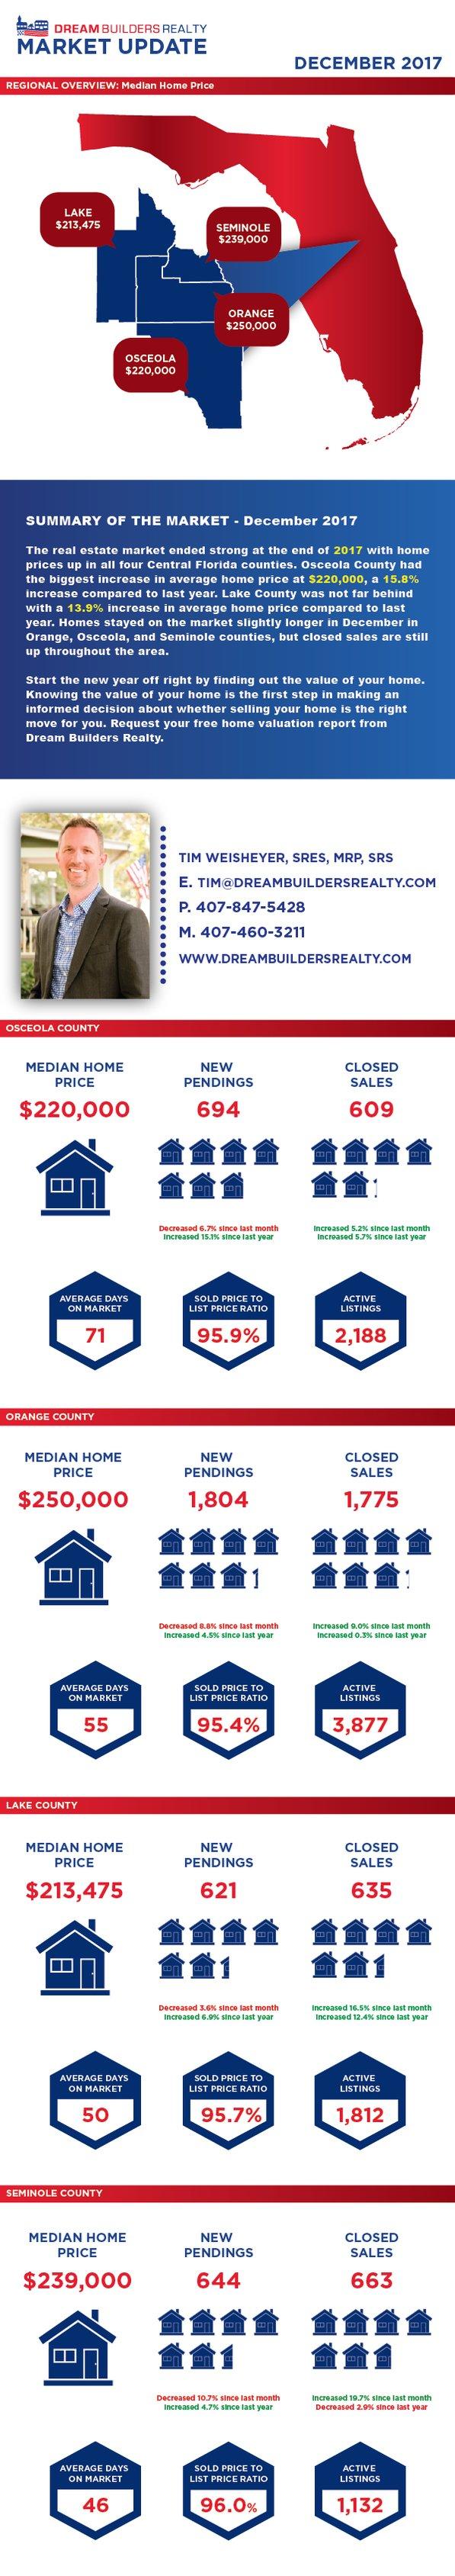 Real Estate Market Data Central Florida for December 2017.png